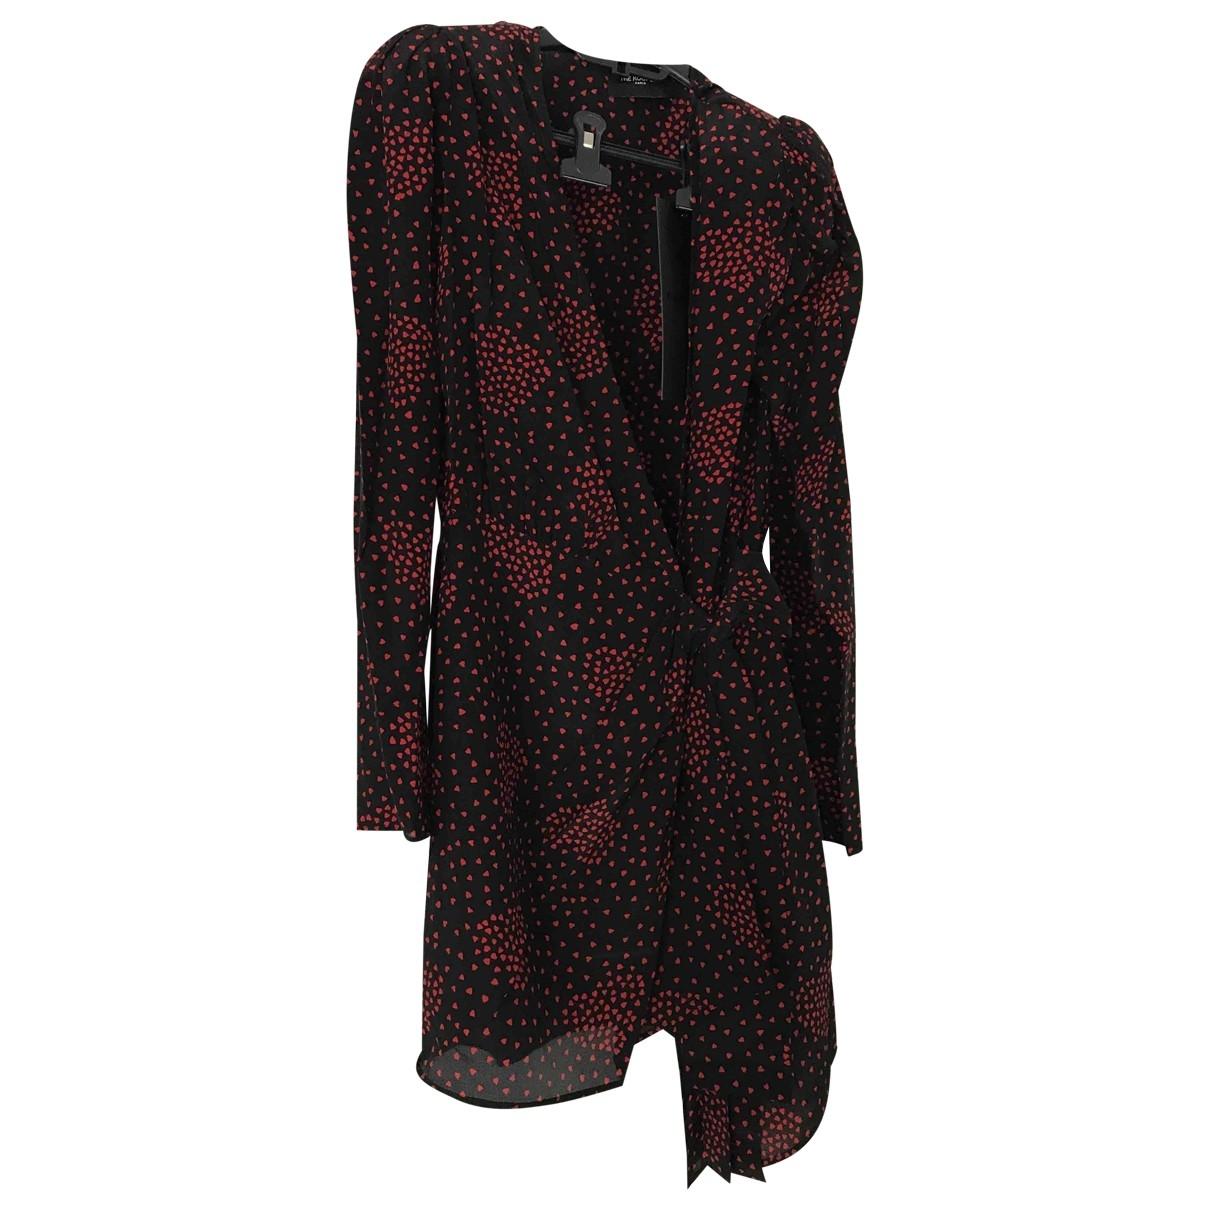 The Kooples Fall Winter 2019 Black Silk dress for Women 1 0-5